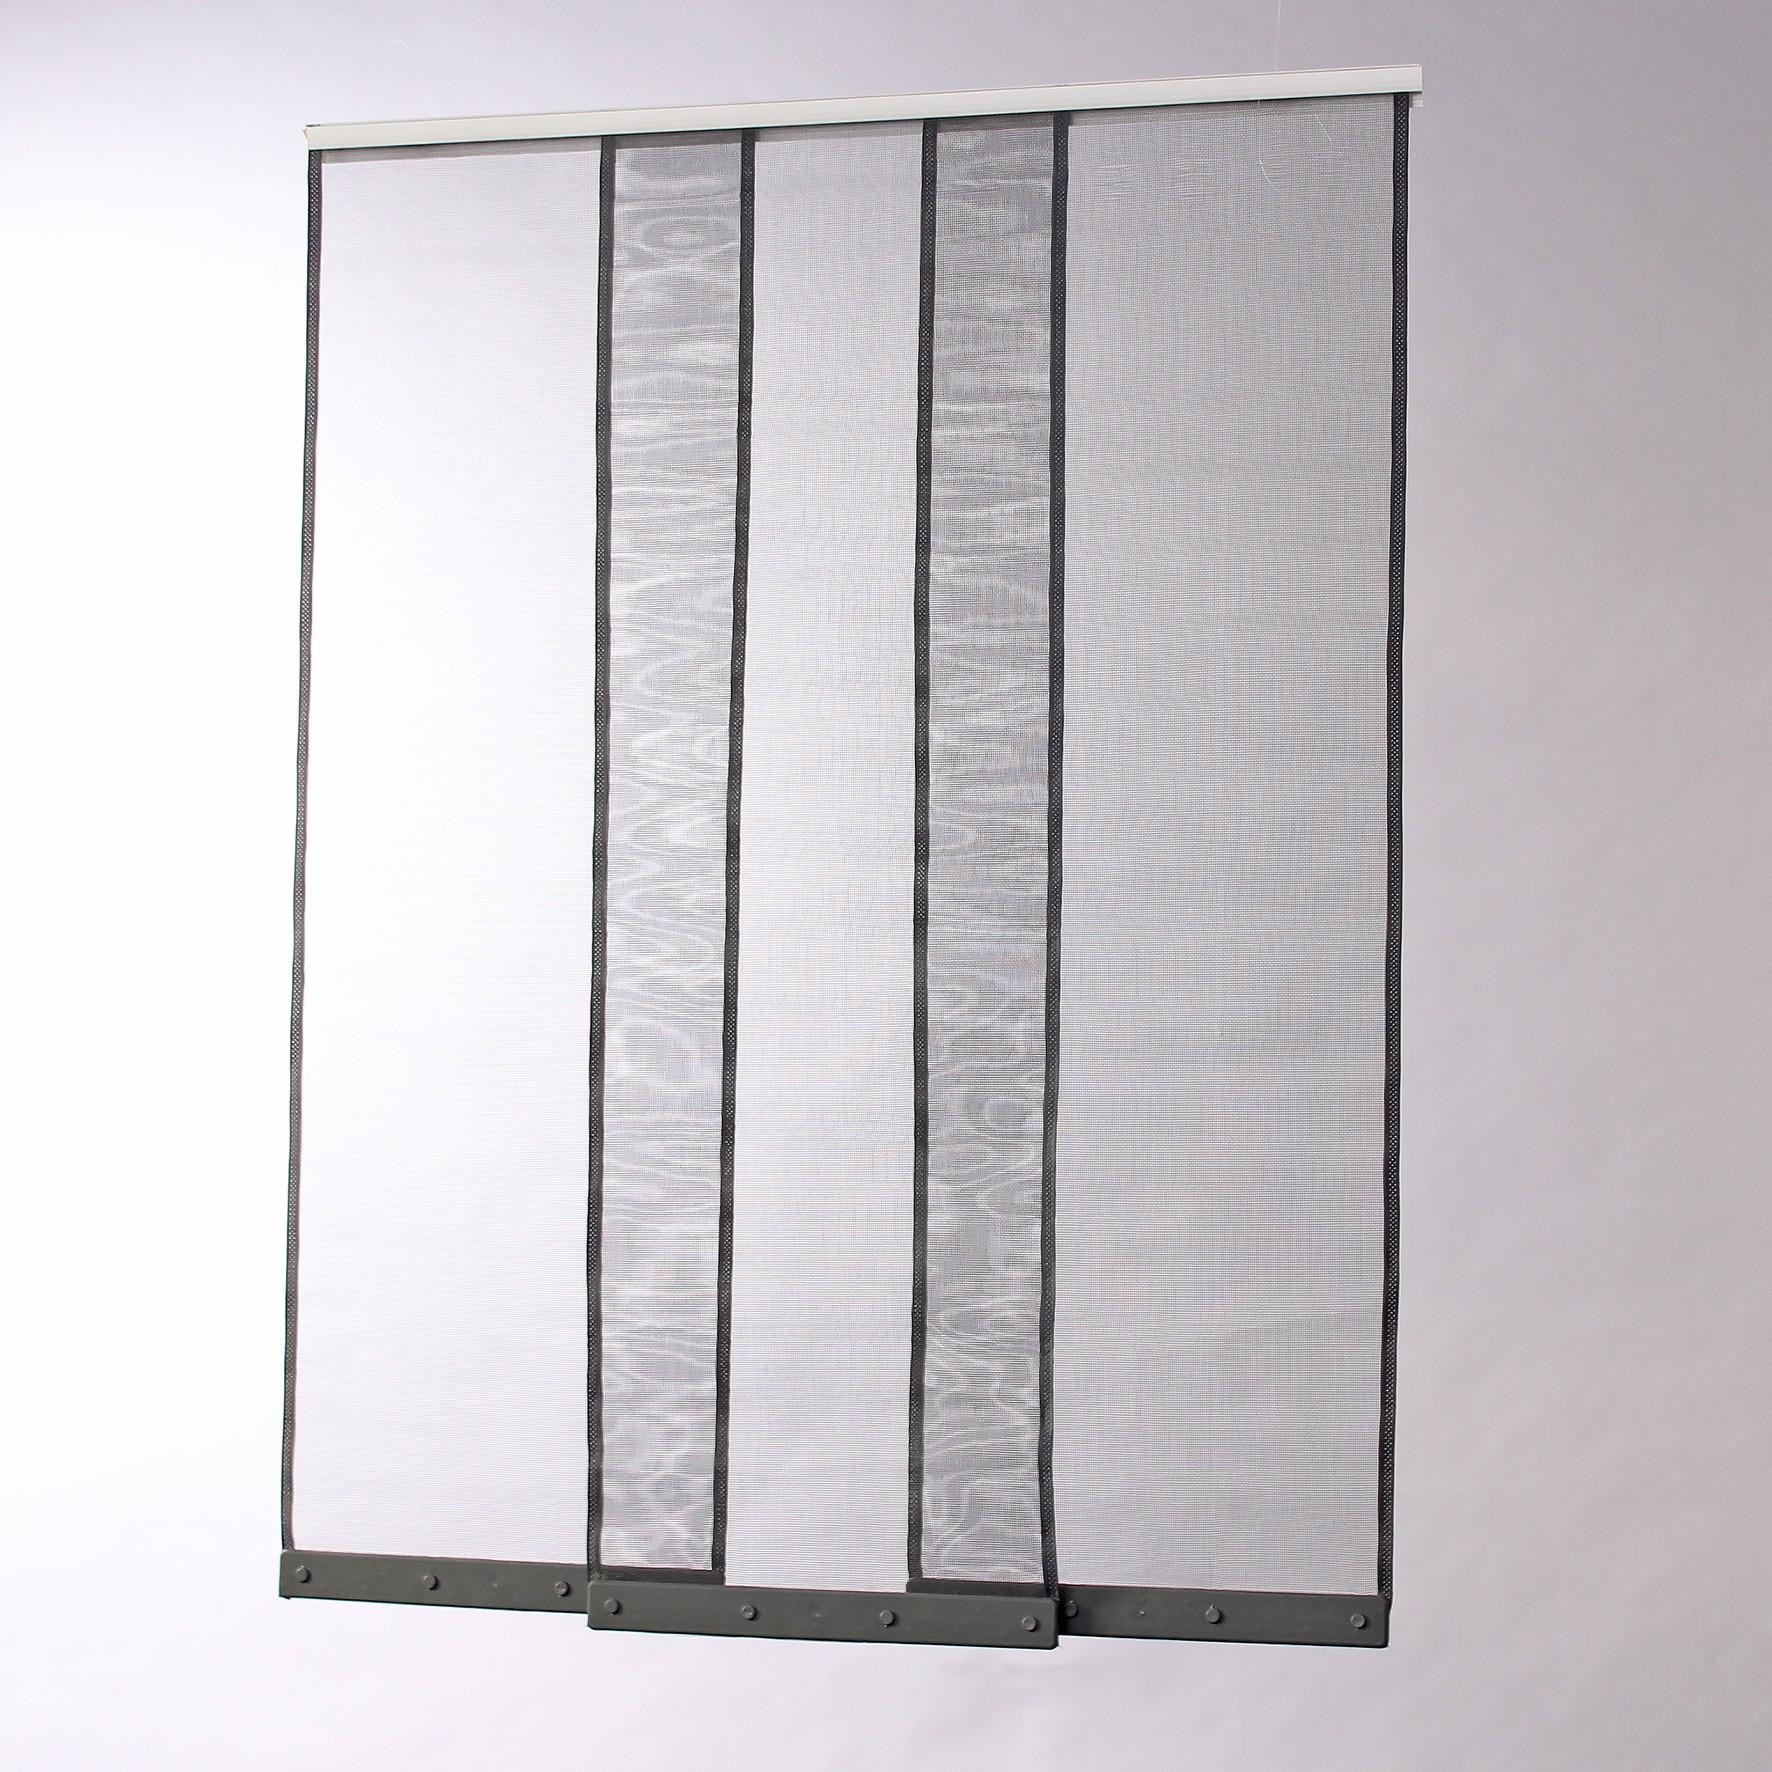 Moustiquaire rideau pour porte L100 cm x H230 cm gris